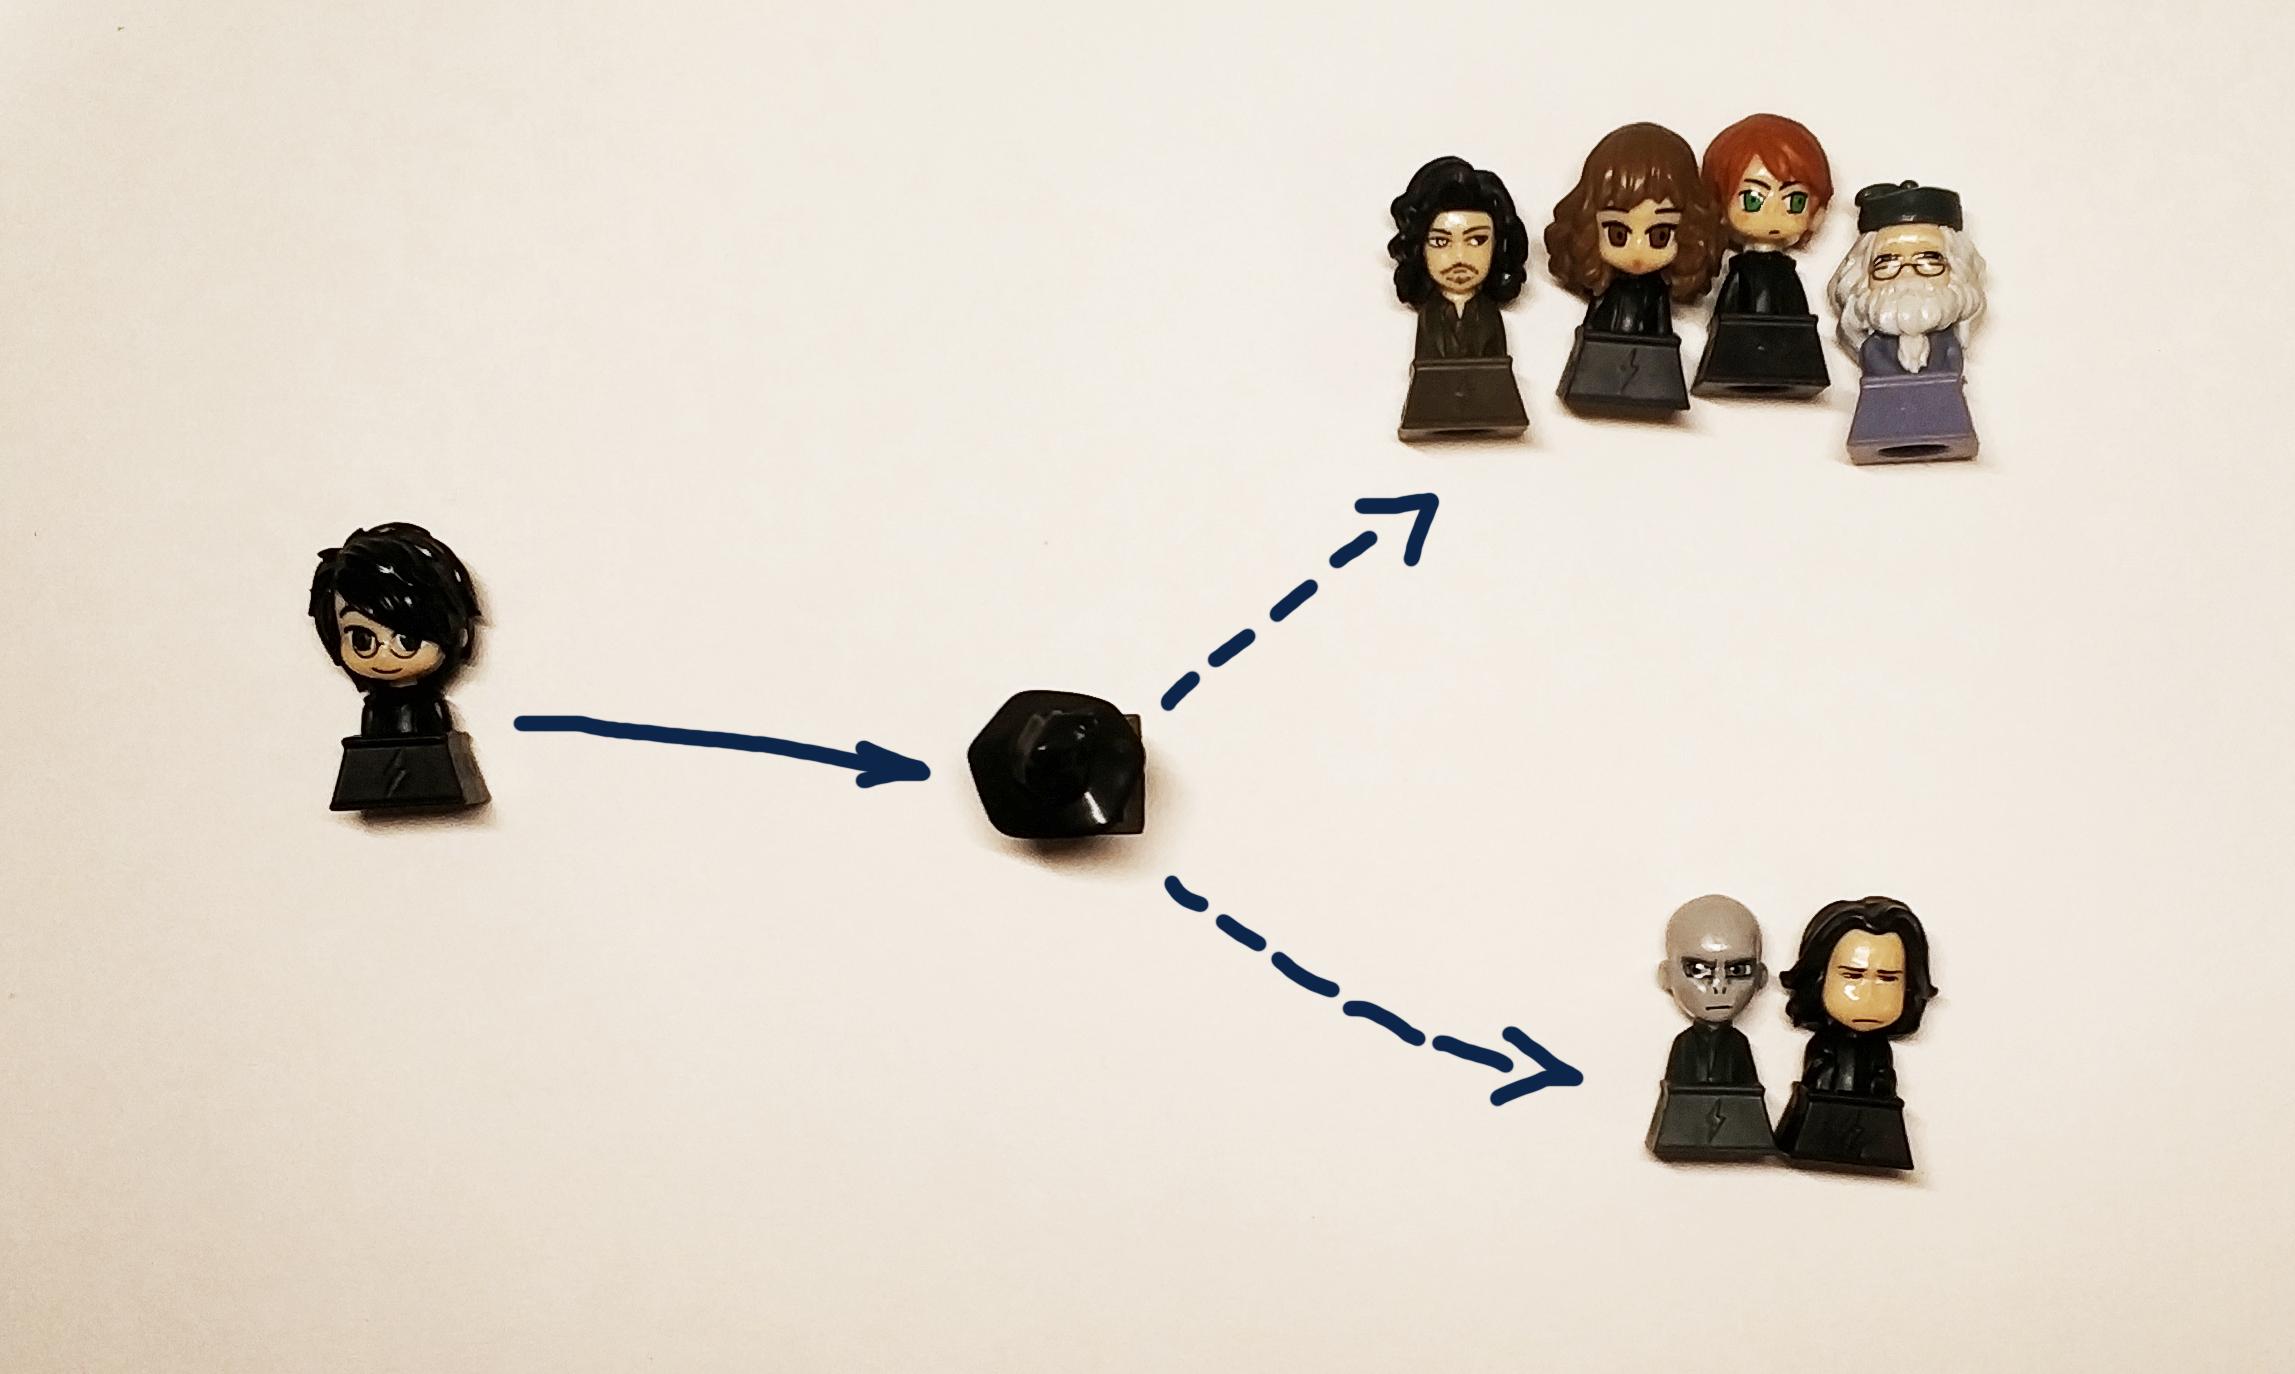 Data Science проект от исследования до внедрения на примере Говорящей шляпы - 1